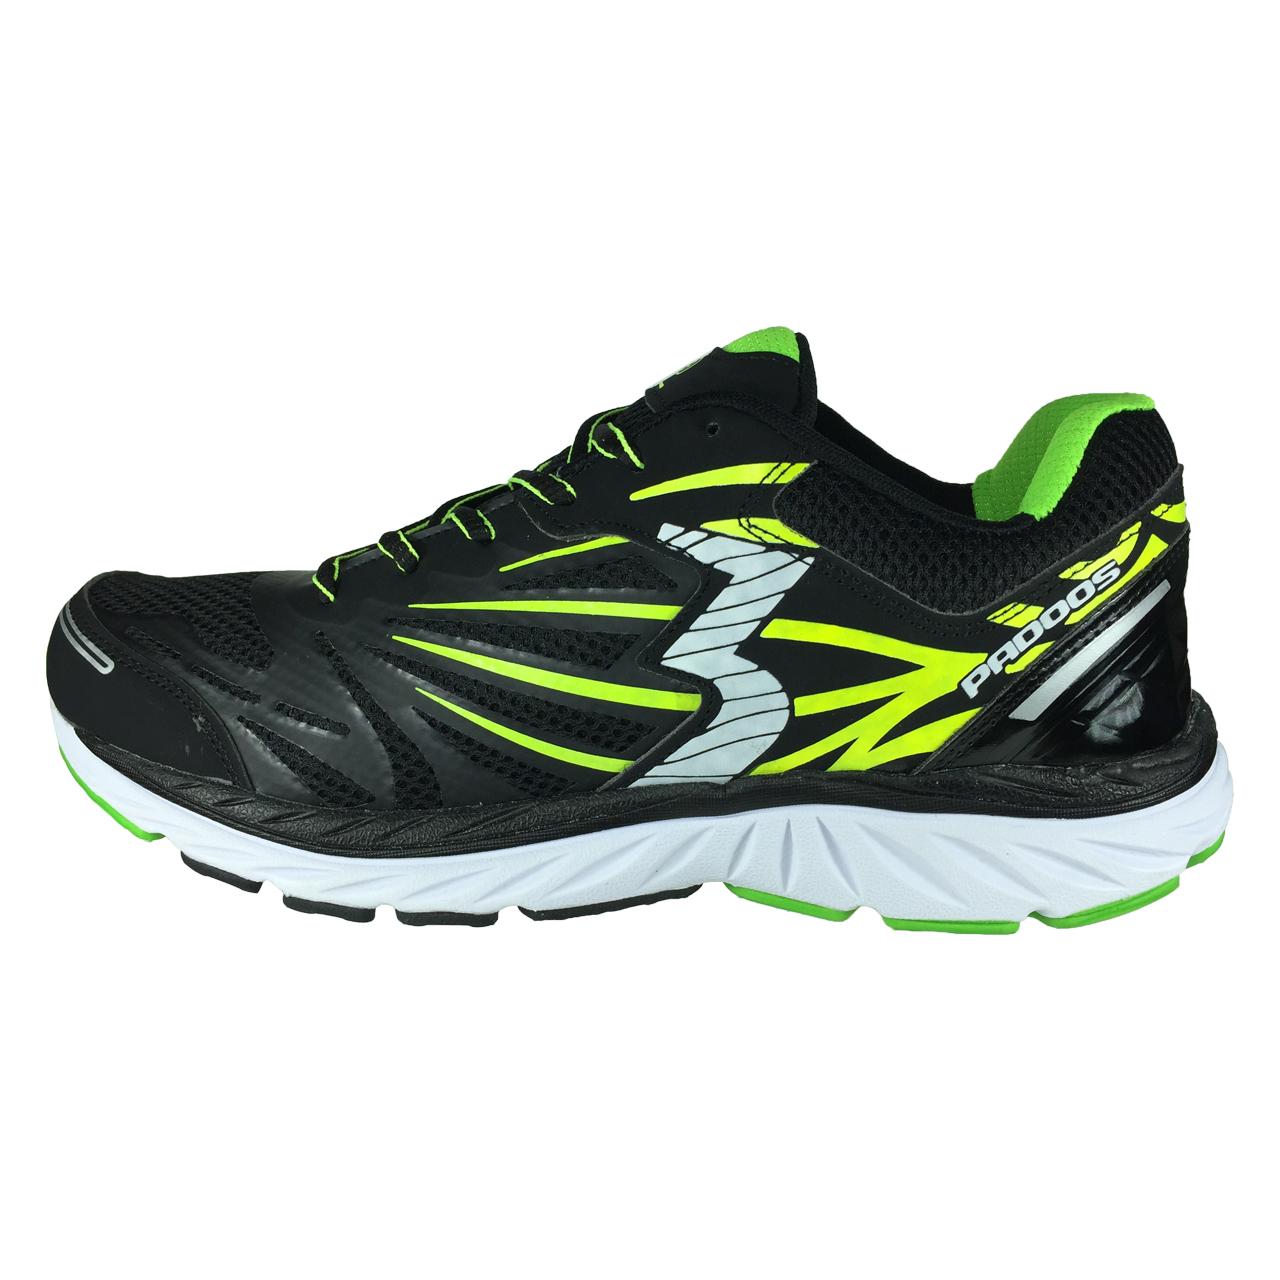 کفش مخصوص پیاده روی مردانه مدل B426 رنگ مشکی